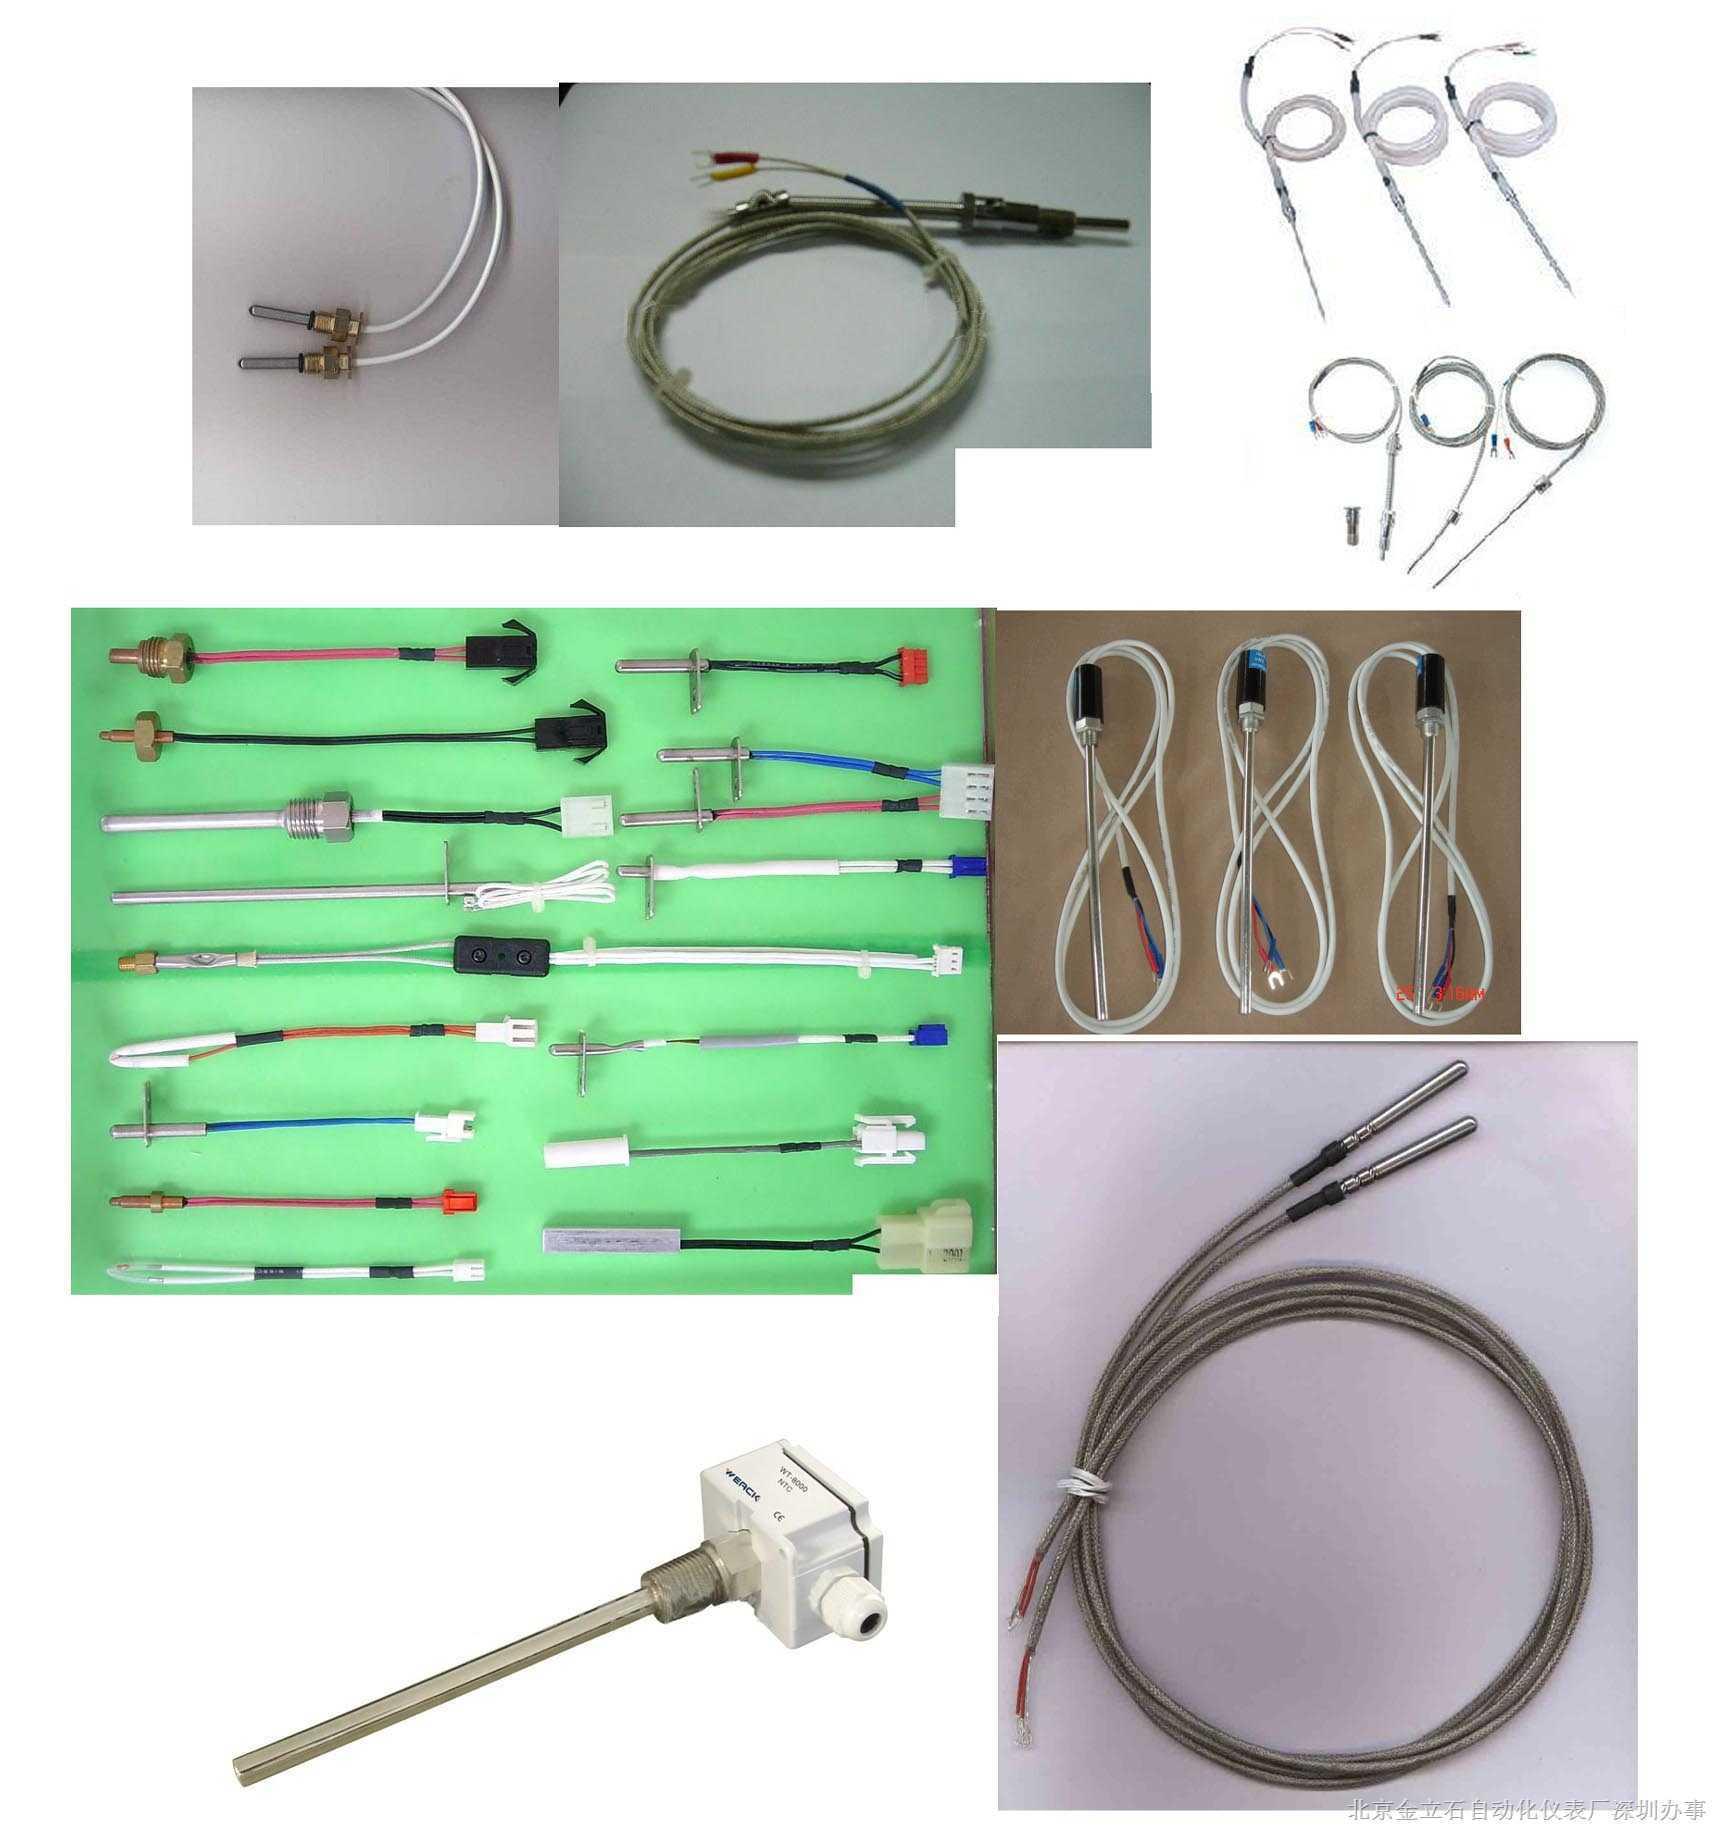 深圳热电偶,pt100传感器,温度传感器,固态继电器